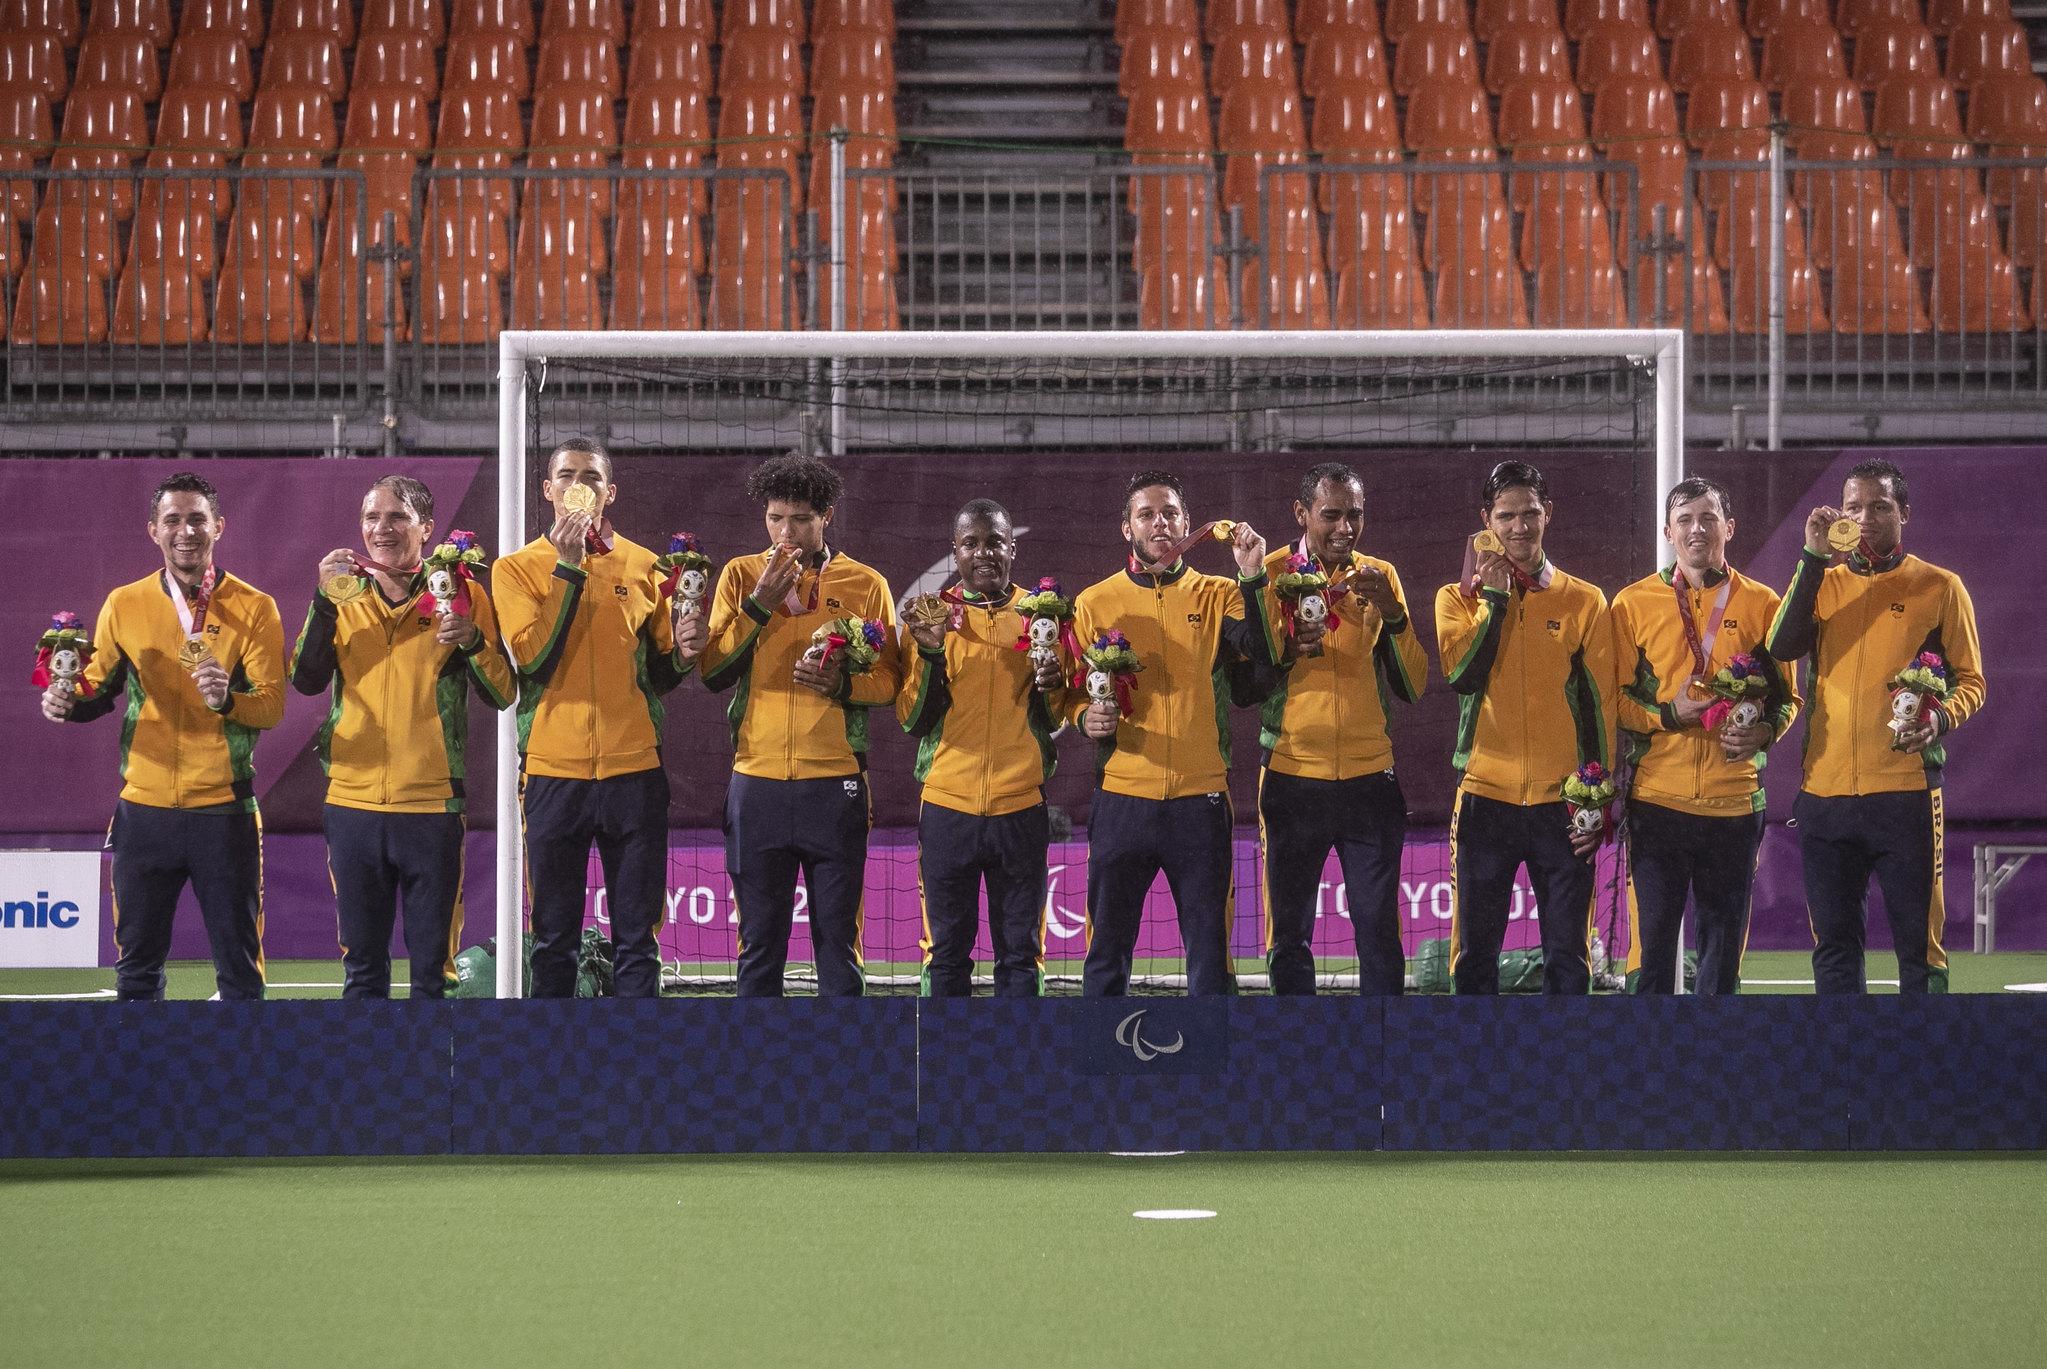 Imagem do time de futebol de 5 no pódio após receber medalha